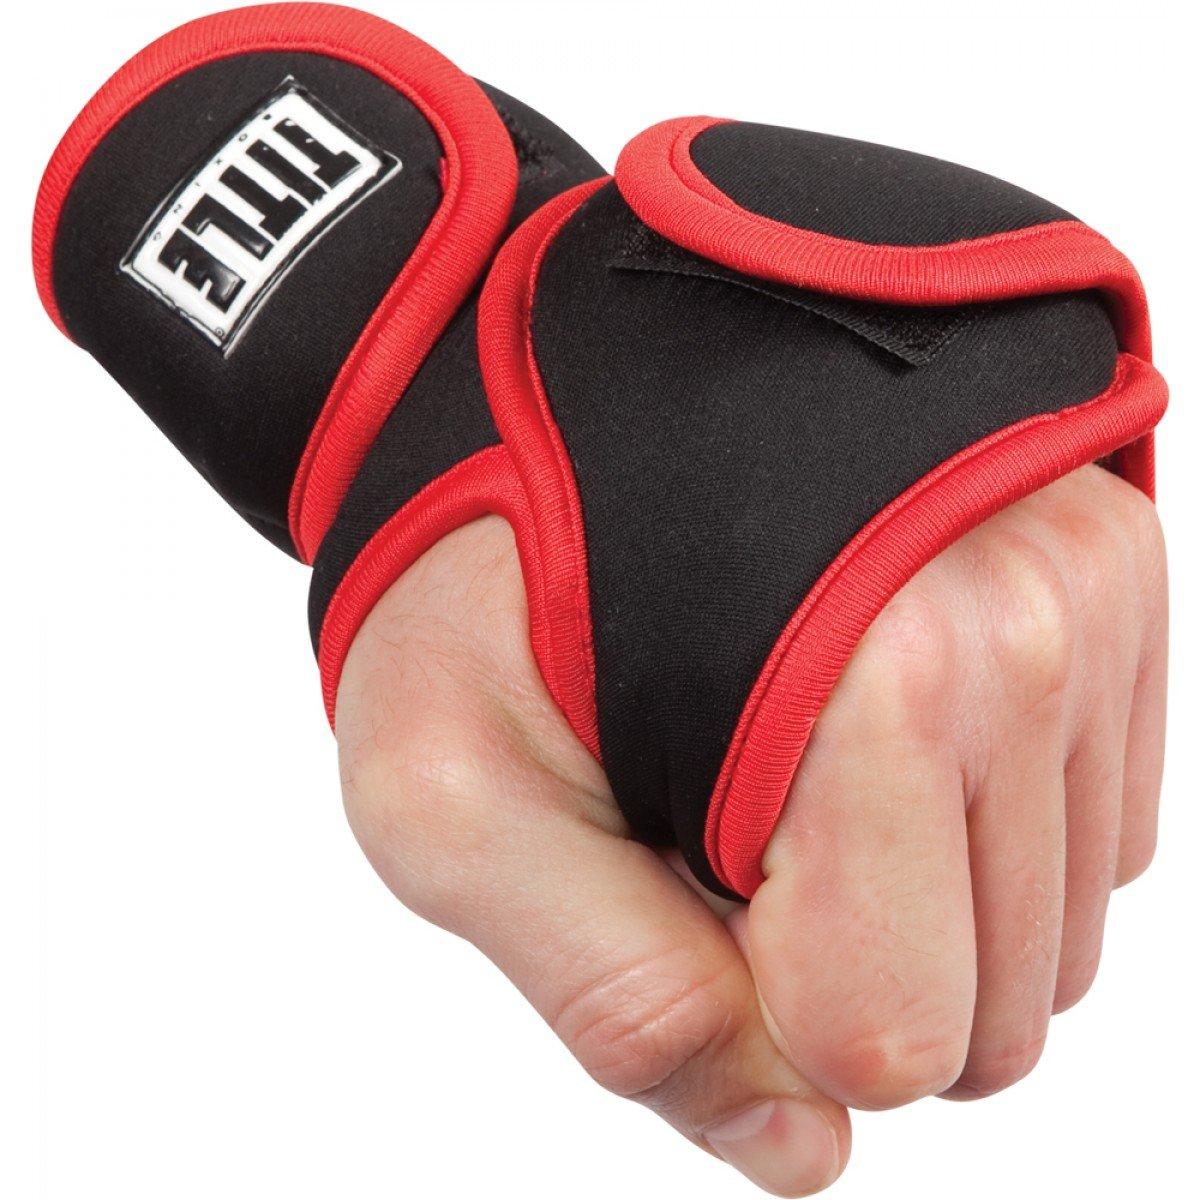 デラックスWeighted手袋 B01BPGJZ80 ブラック/レッド 1ポンド